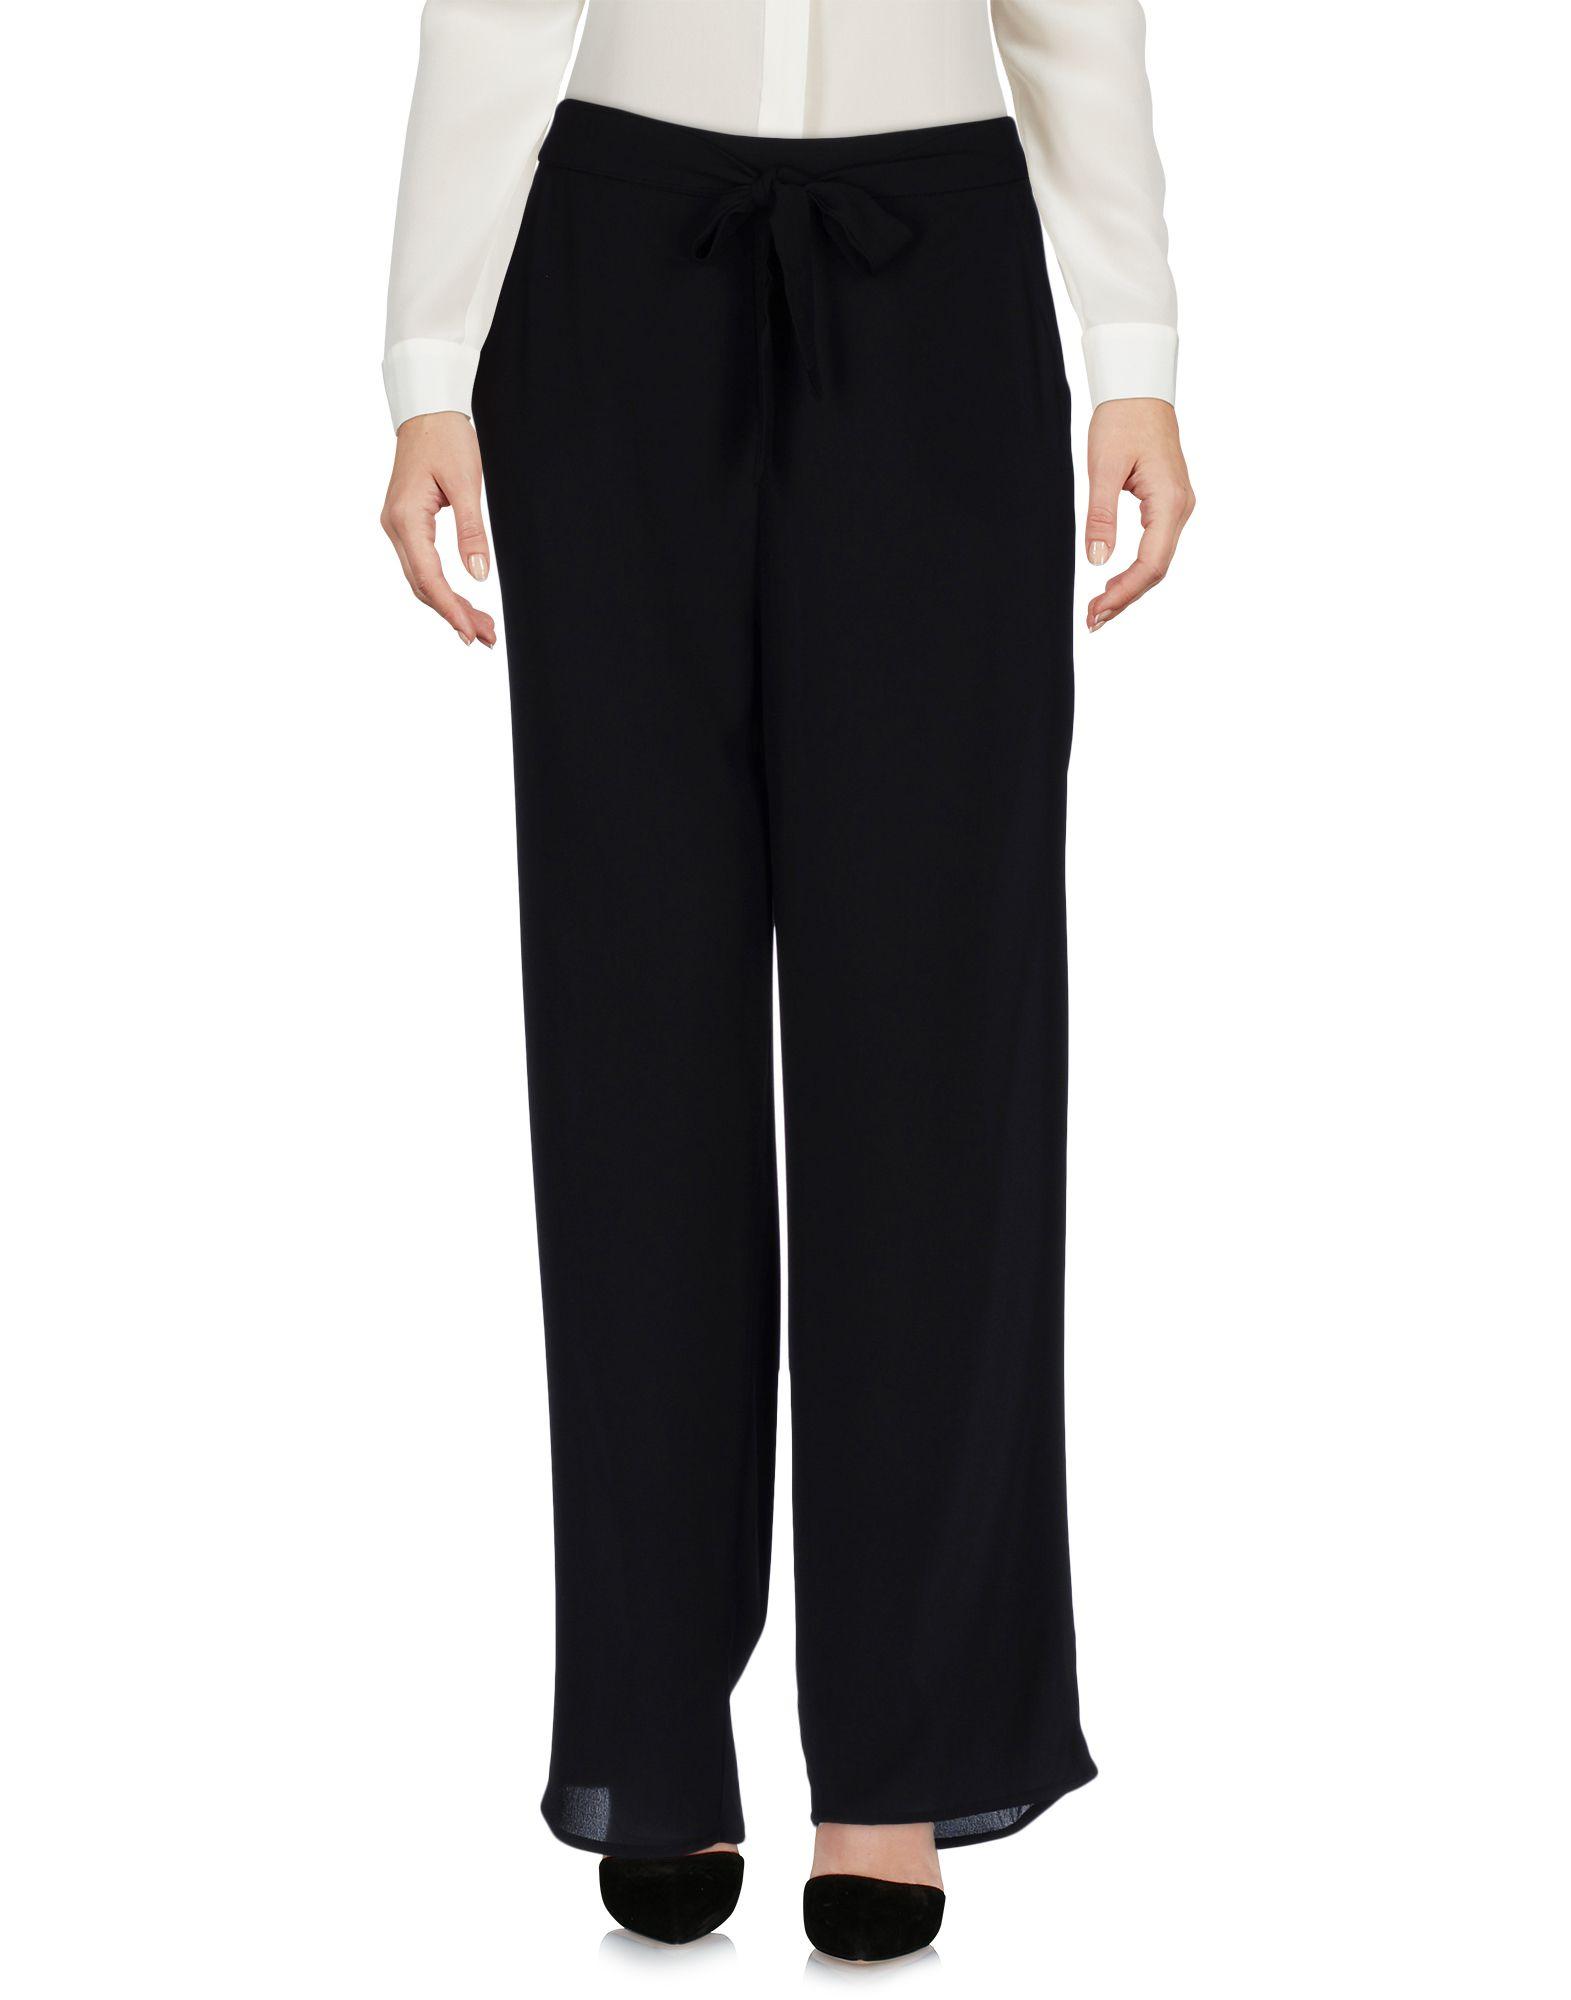 ONLY Повседневные брюки брюки сноубордические цена 1500